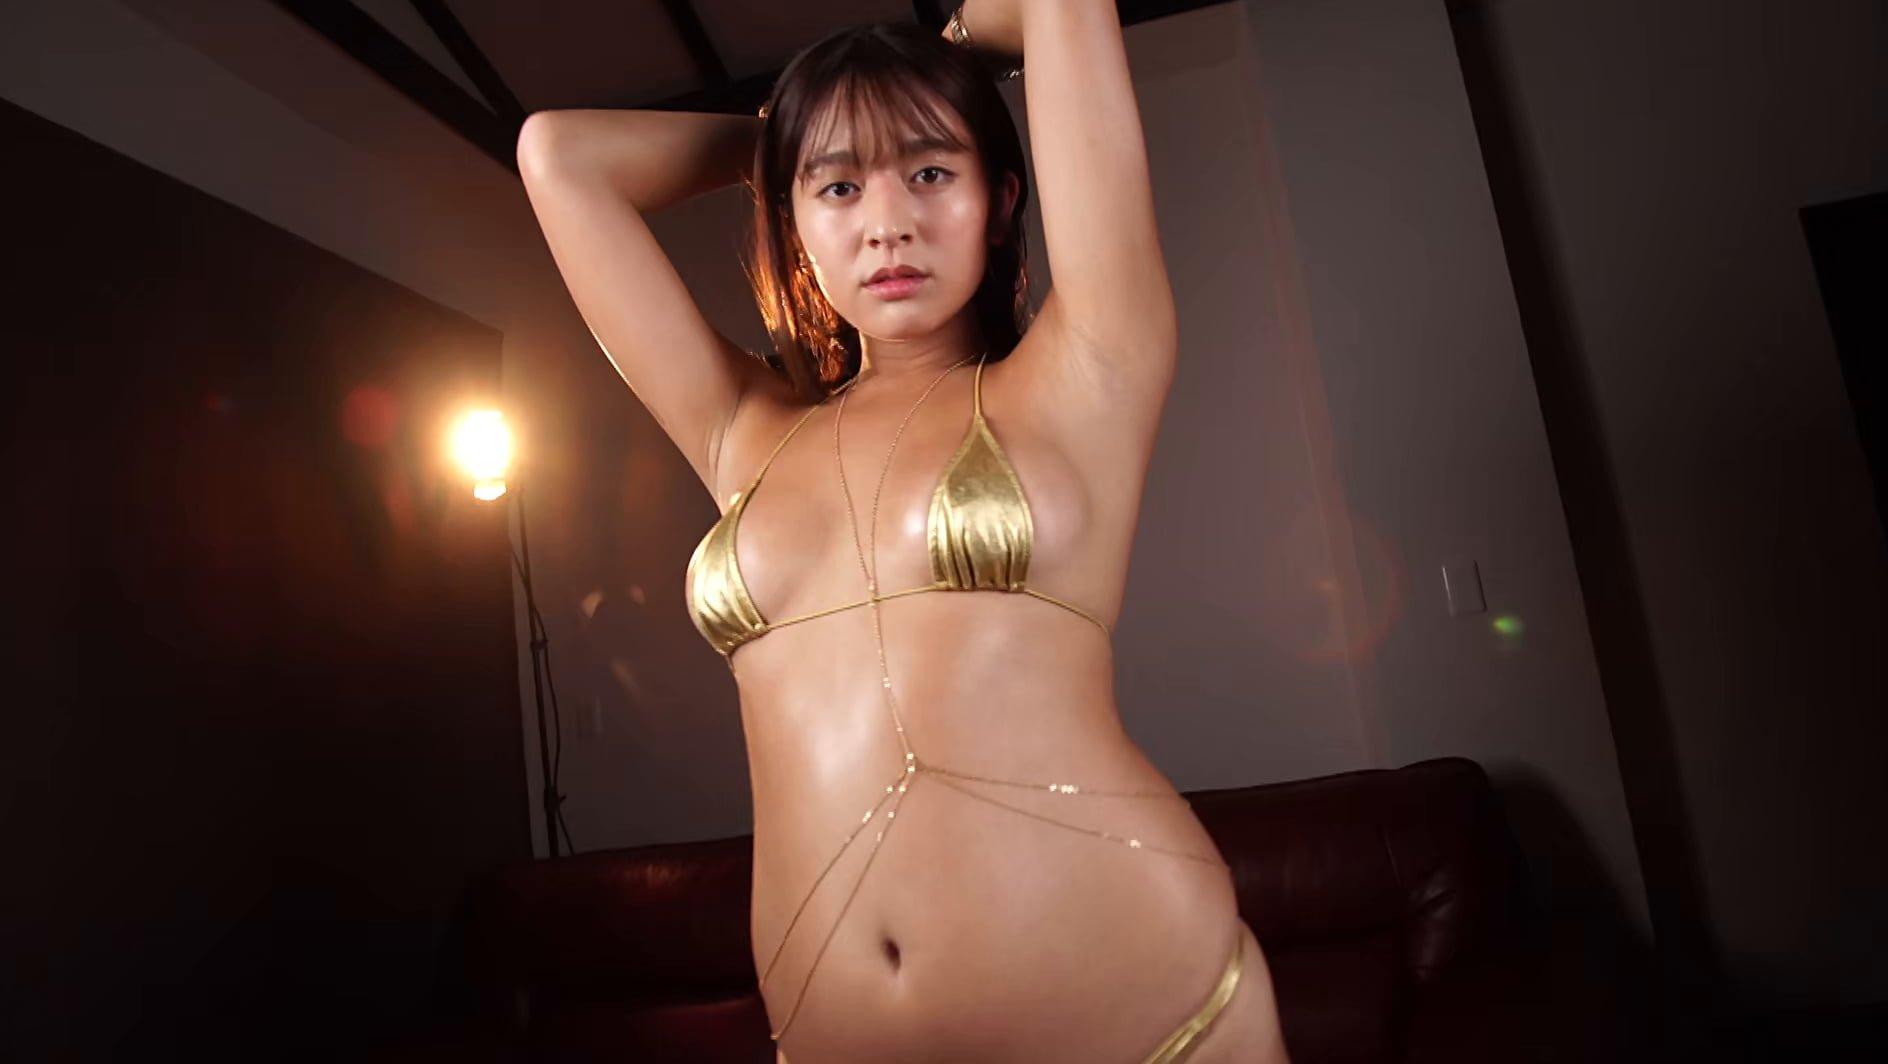 グラビアアイドルGIF画像|IVの新時代到来!!→日焼けした彼女をずっと忘れない 徳江かな.webm画像